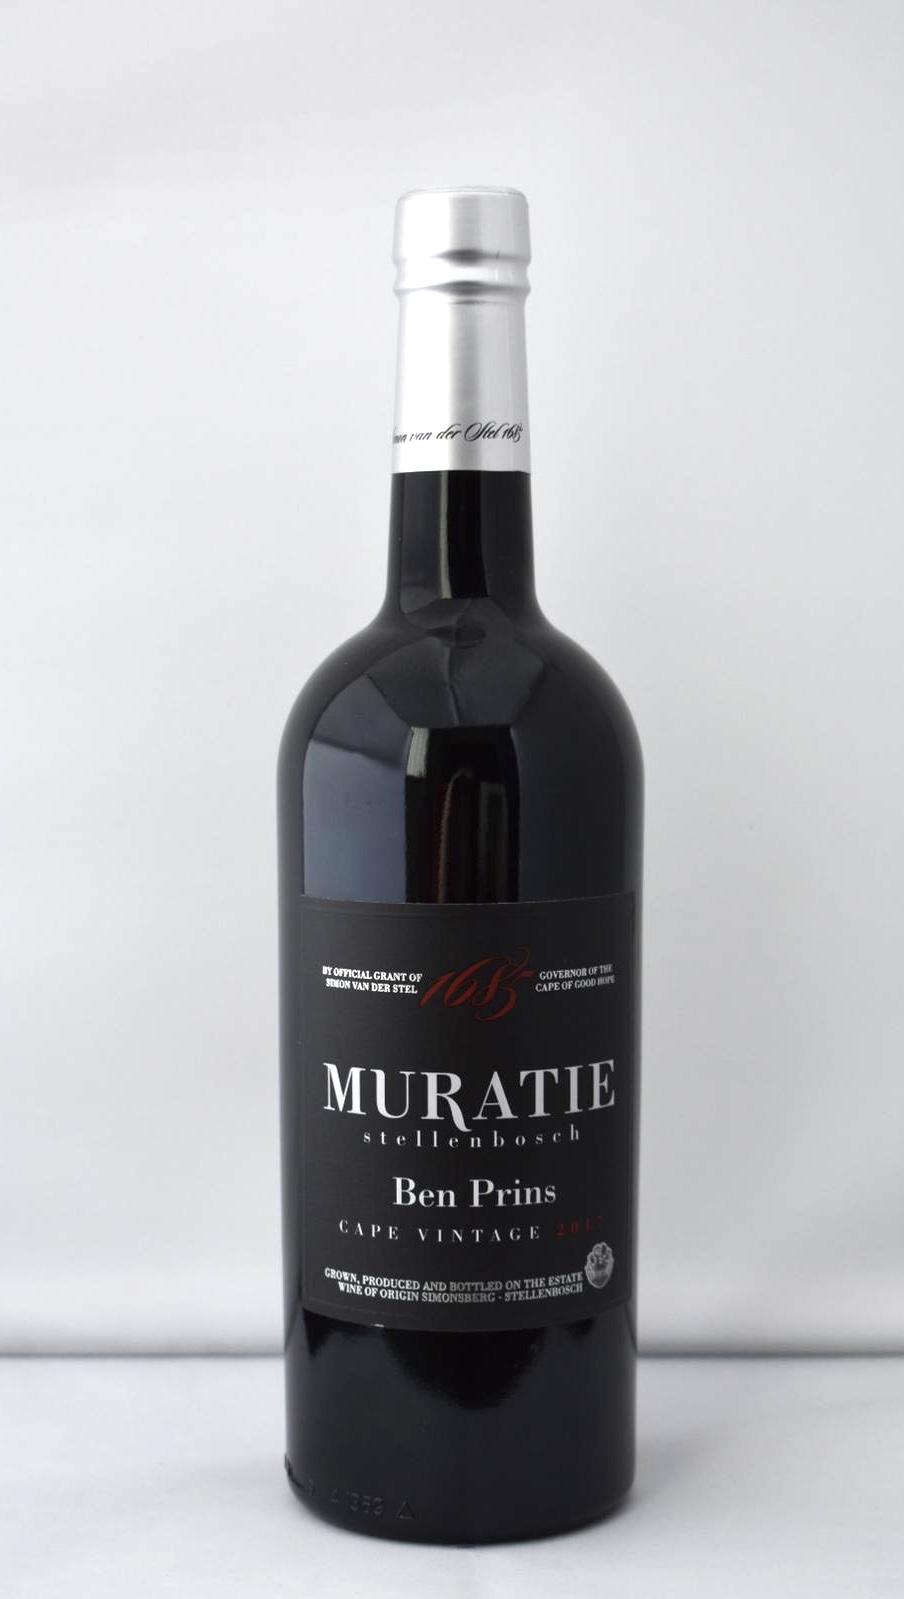 Muratie Ben Prins Cape Vintage